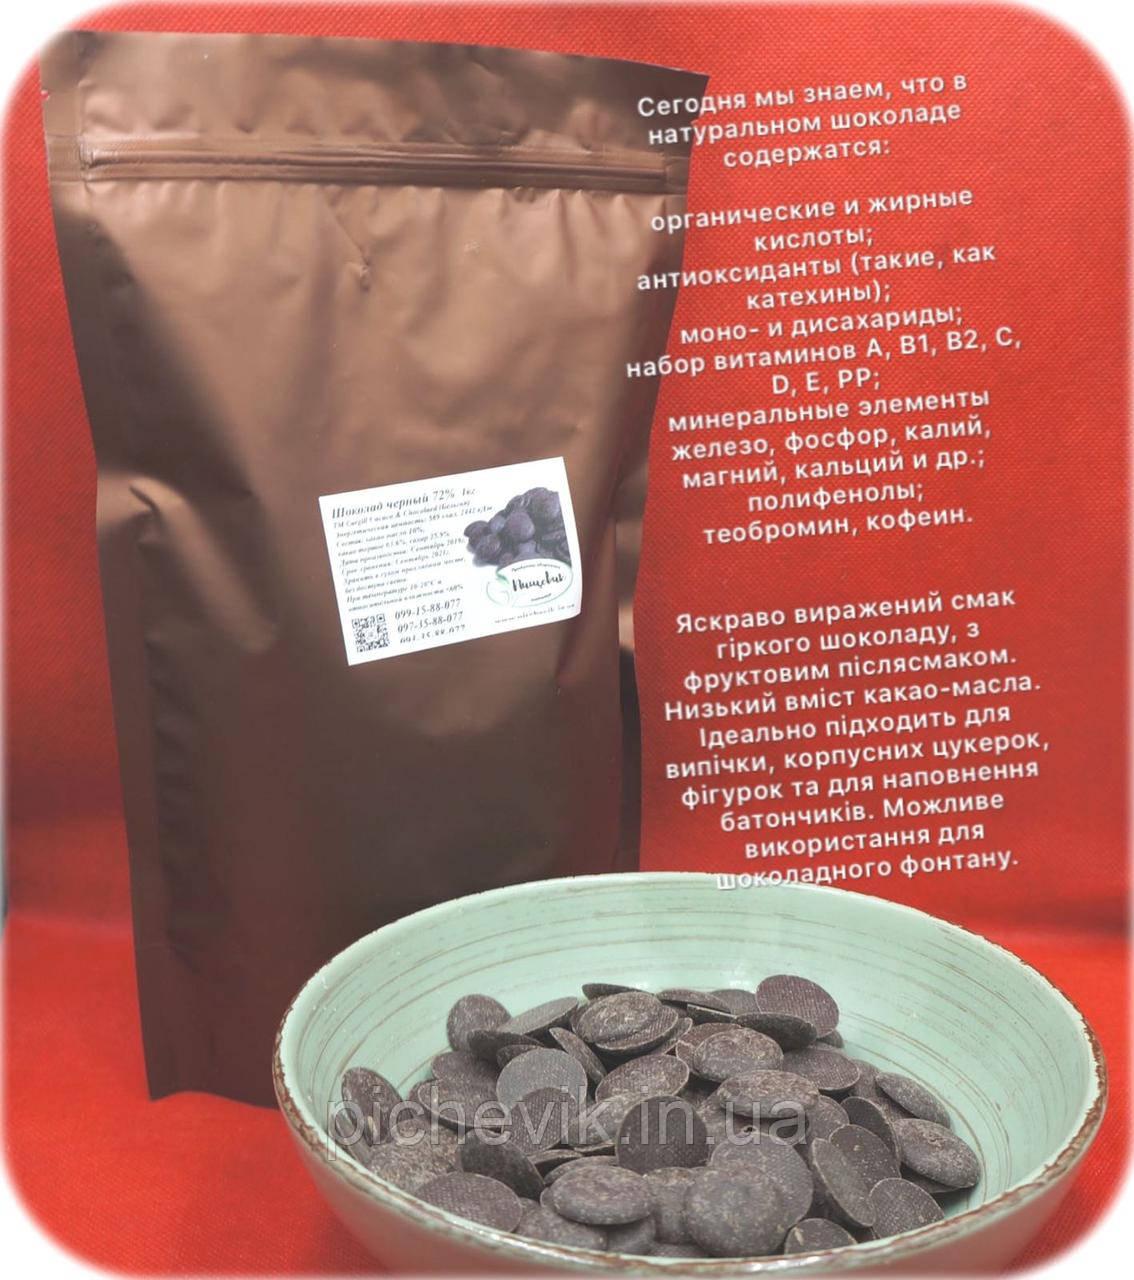 Черный шоколад 72% ТМ Сargill Cacaco & Chocolaed (Бельгия) Вес:500 гр